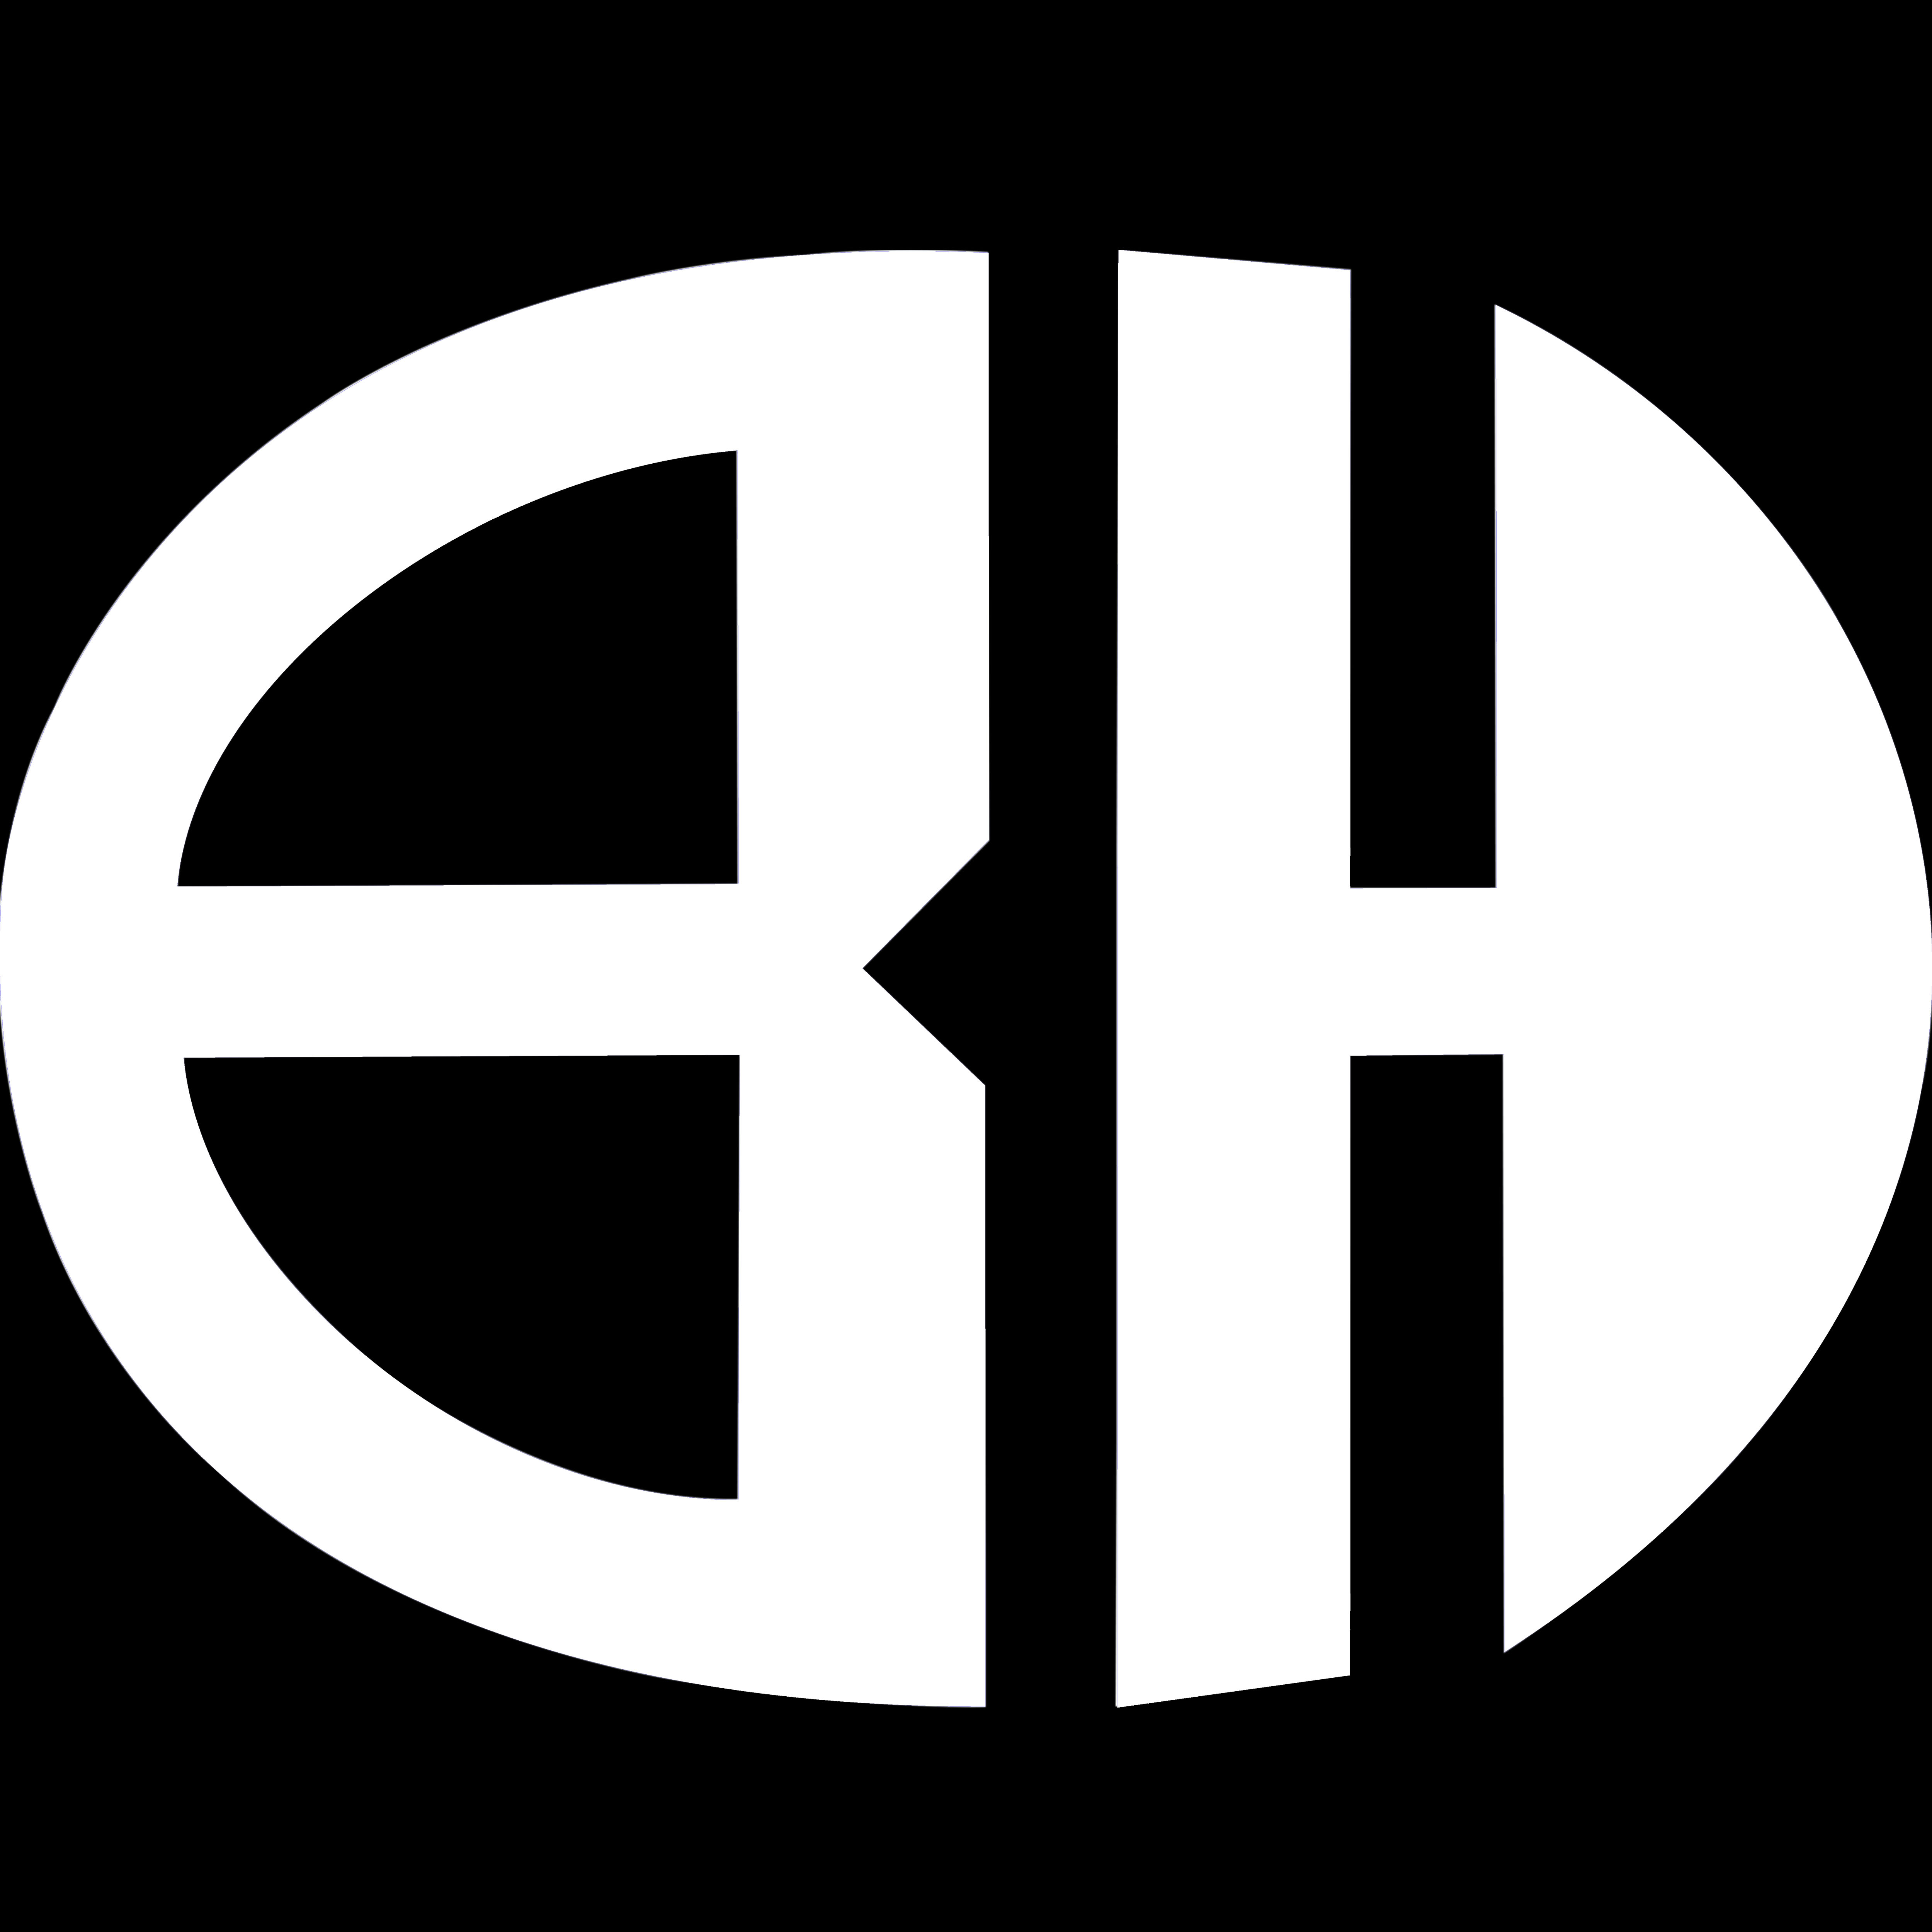 杭州彼爱琪电器有限公司